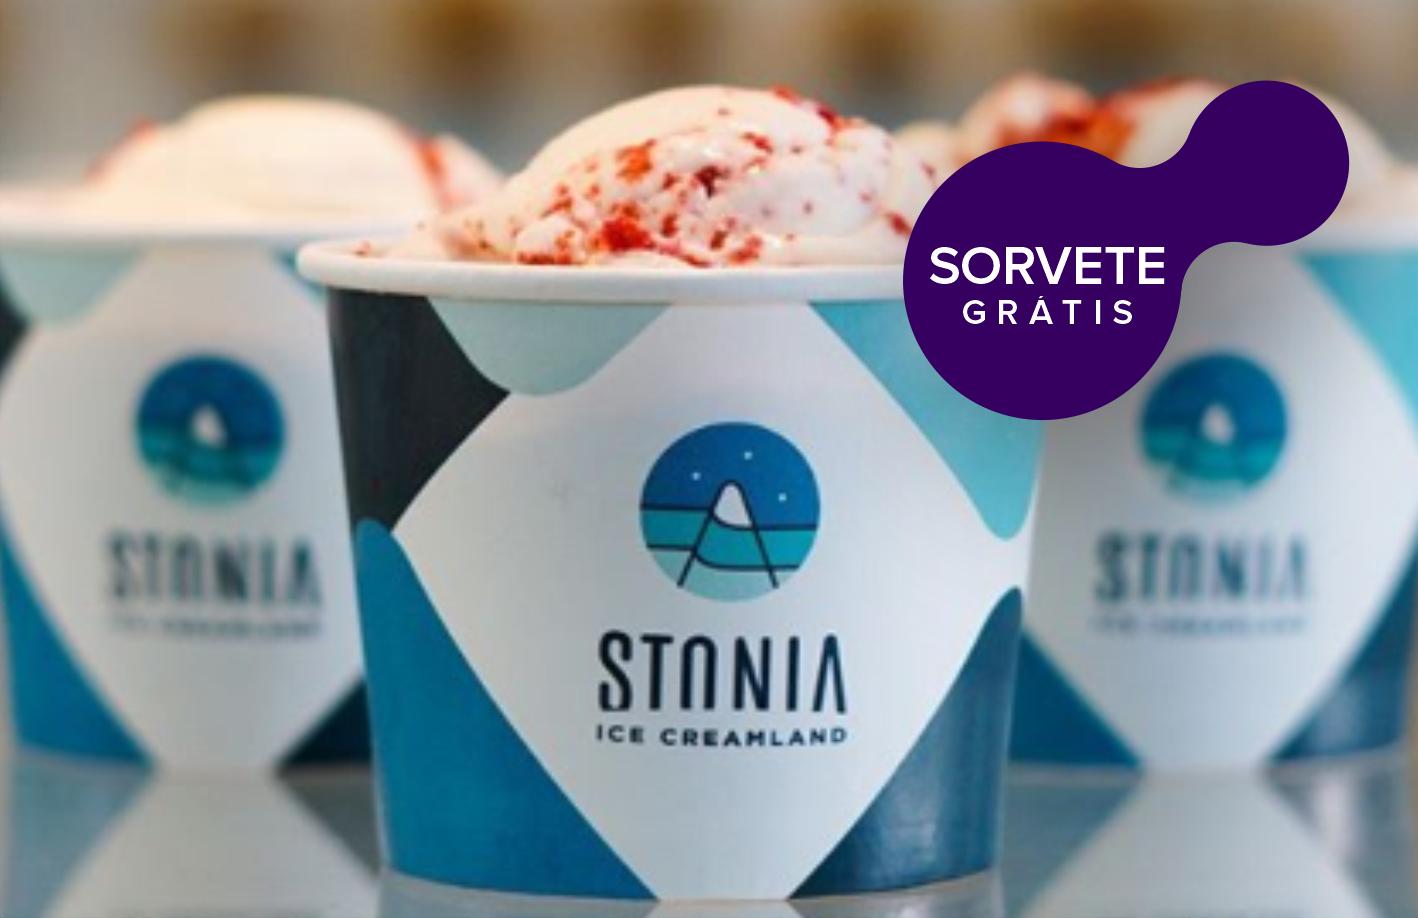 Stonia Ice Creamland com sorvete grátis  🍦